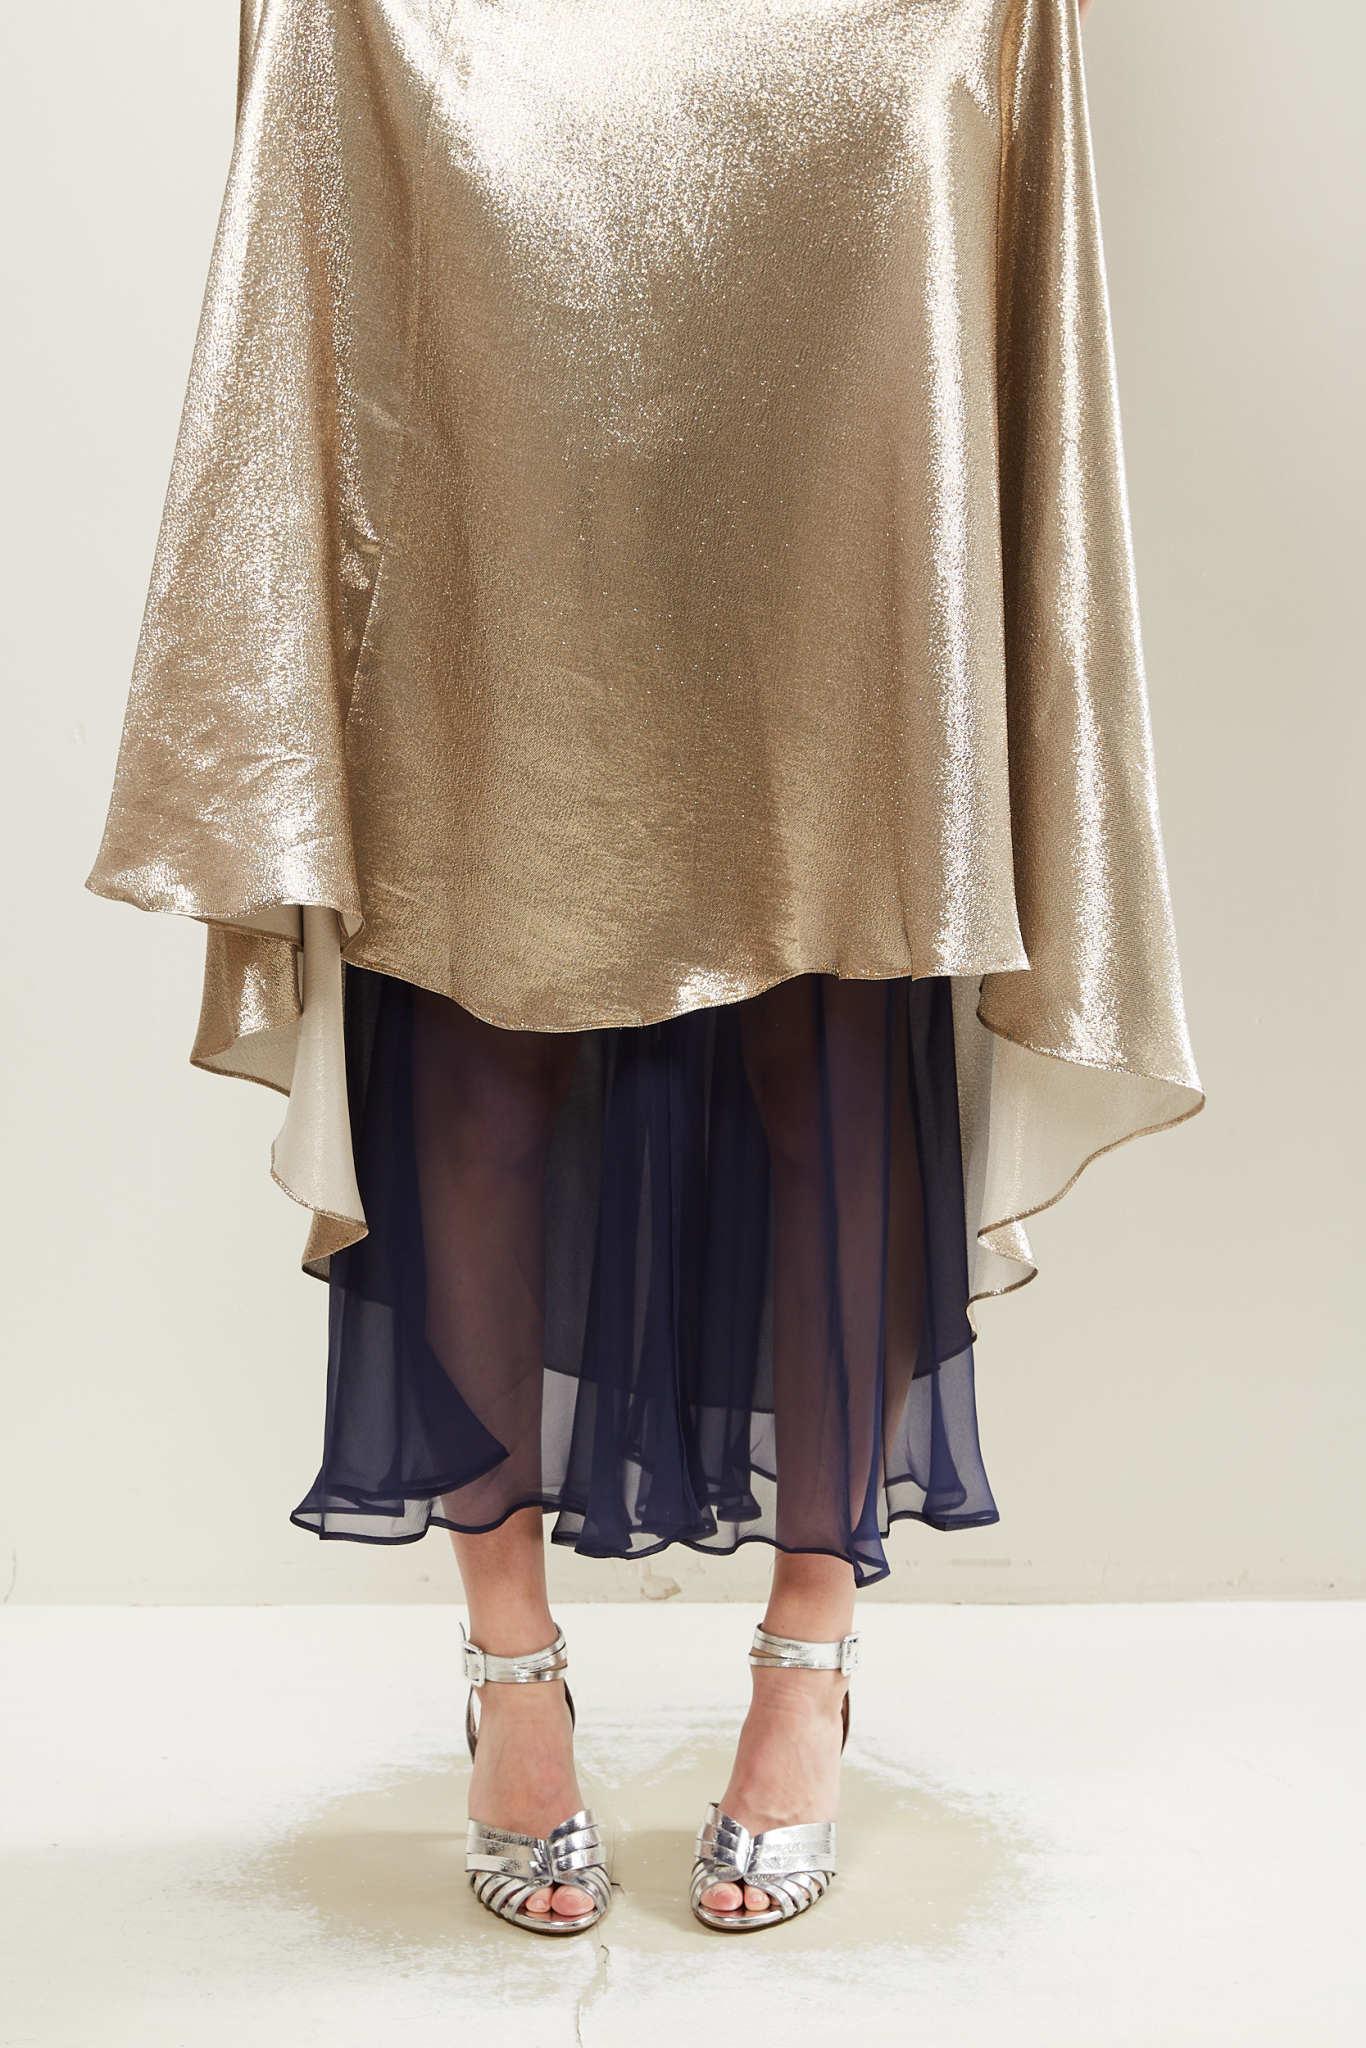 inDRESS - Plain lurex dress